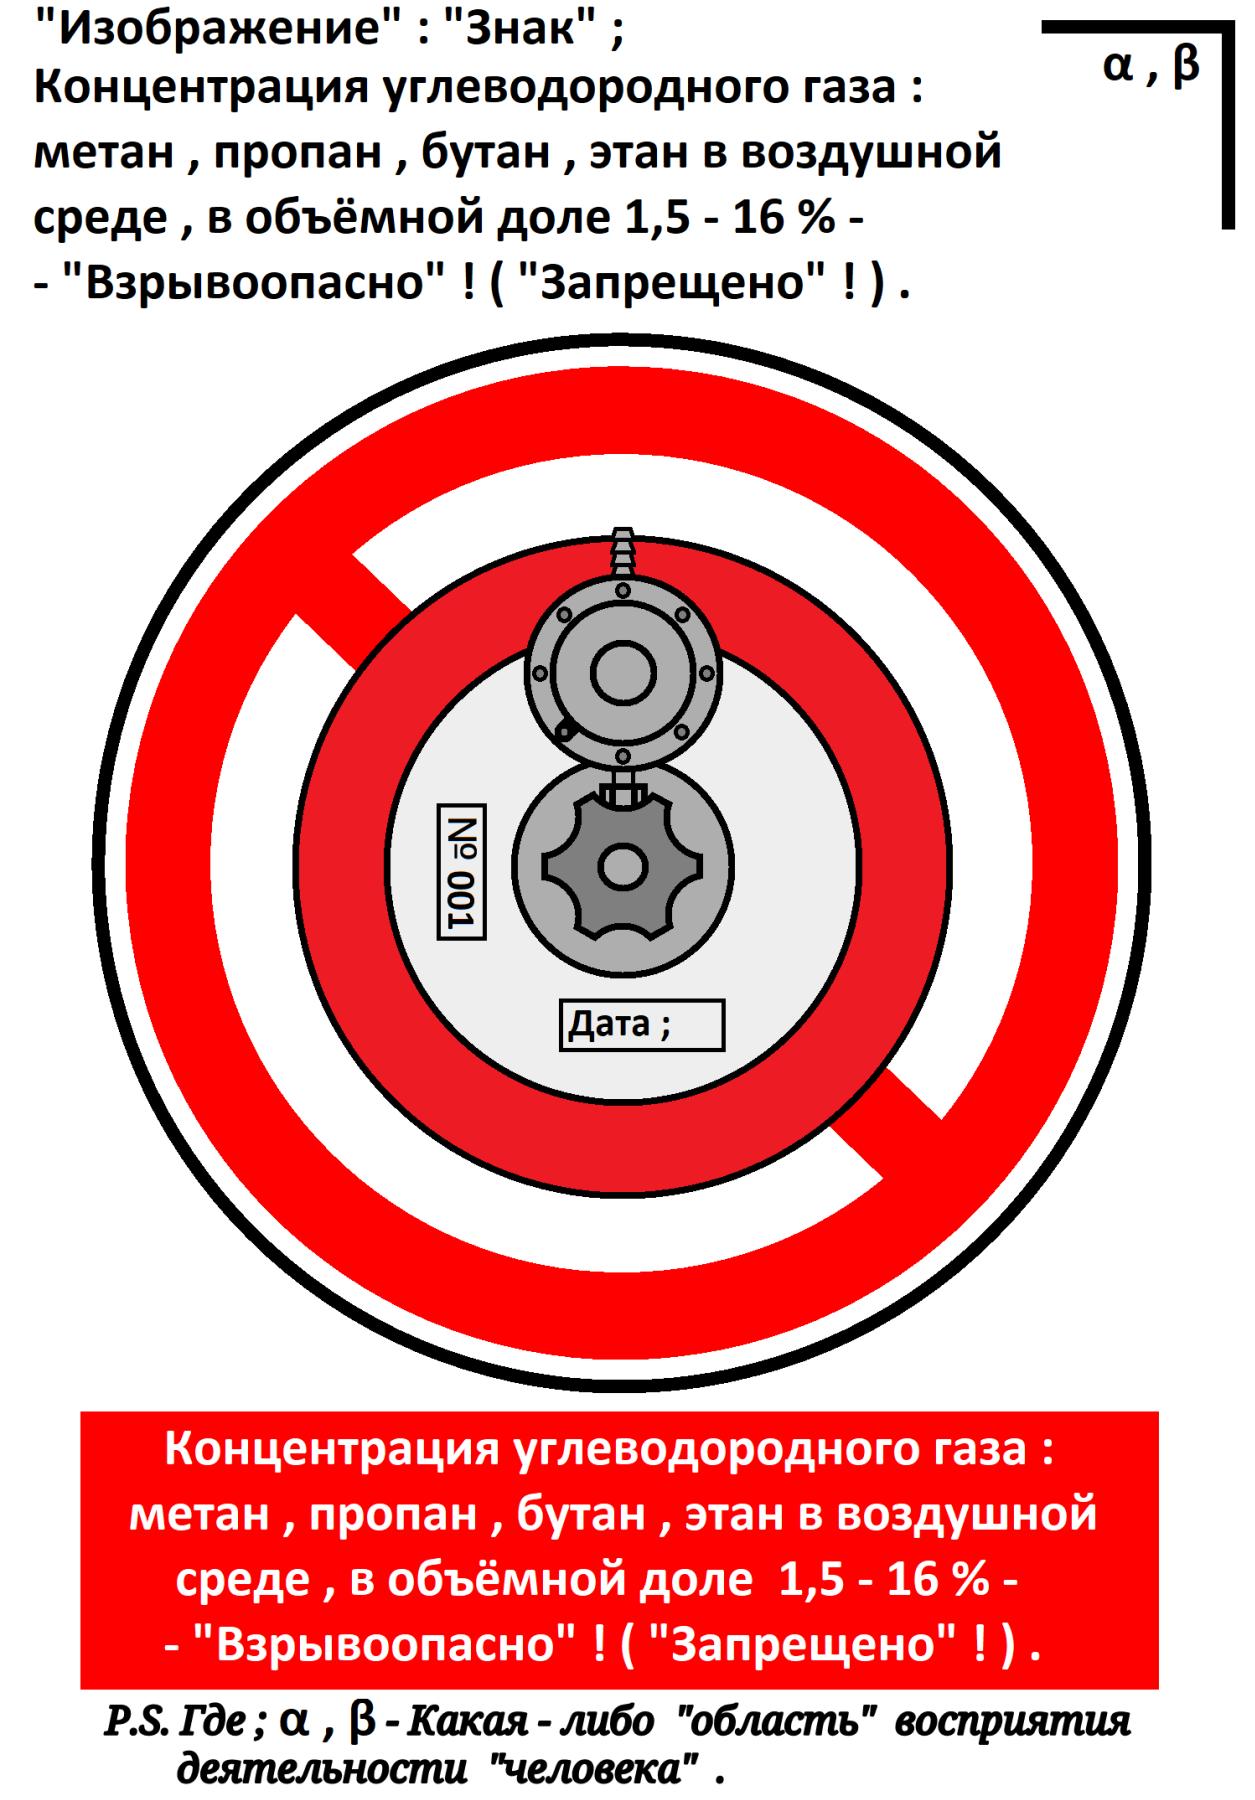 """Arthur Gabdrupes. """"Изображение"""" : """"Знак"""" ; Концентрация углеводородного газа : метан , пропан , бутан , этан в воздушной среде , в объёмной доле 1,5 - 16 % - """"Взрывоопасно"""" ! (""""Запрещено"""" !) . 2021г."""